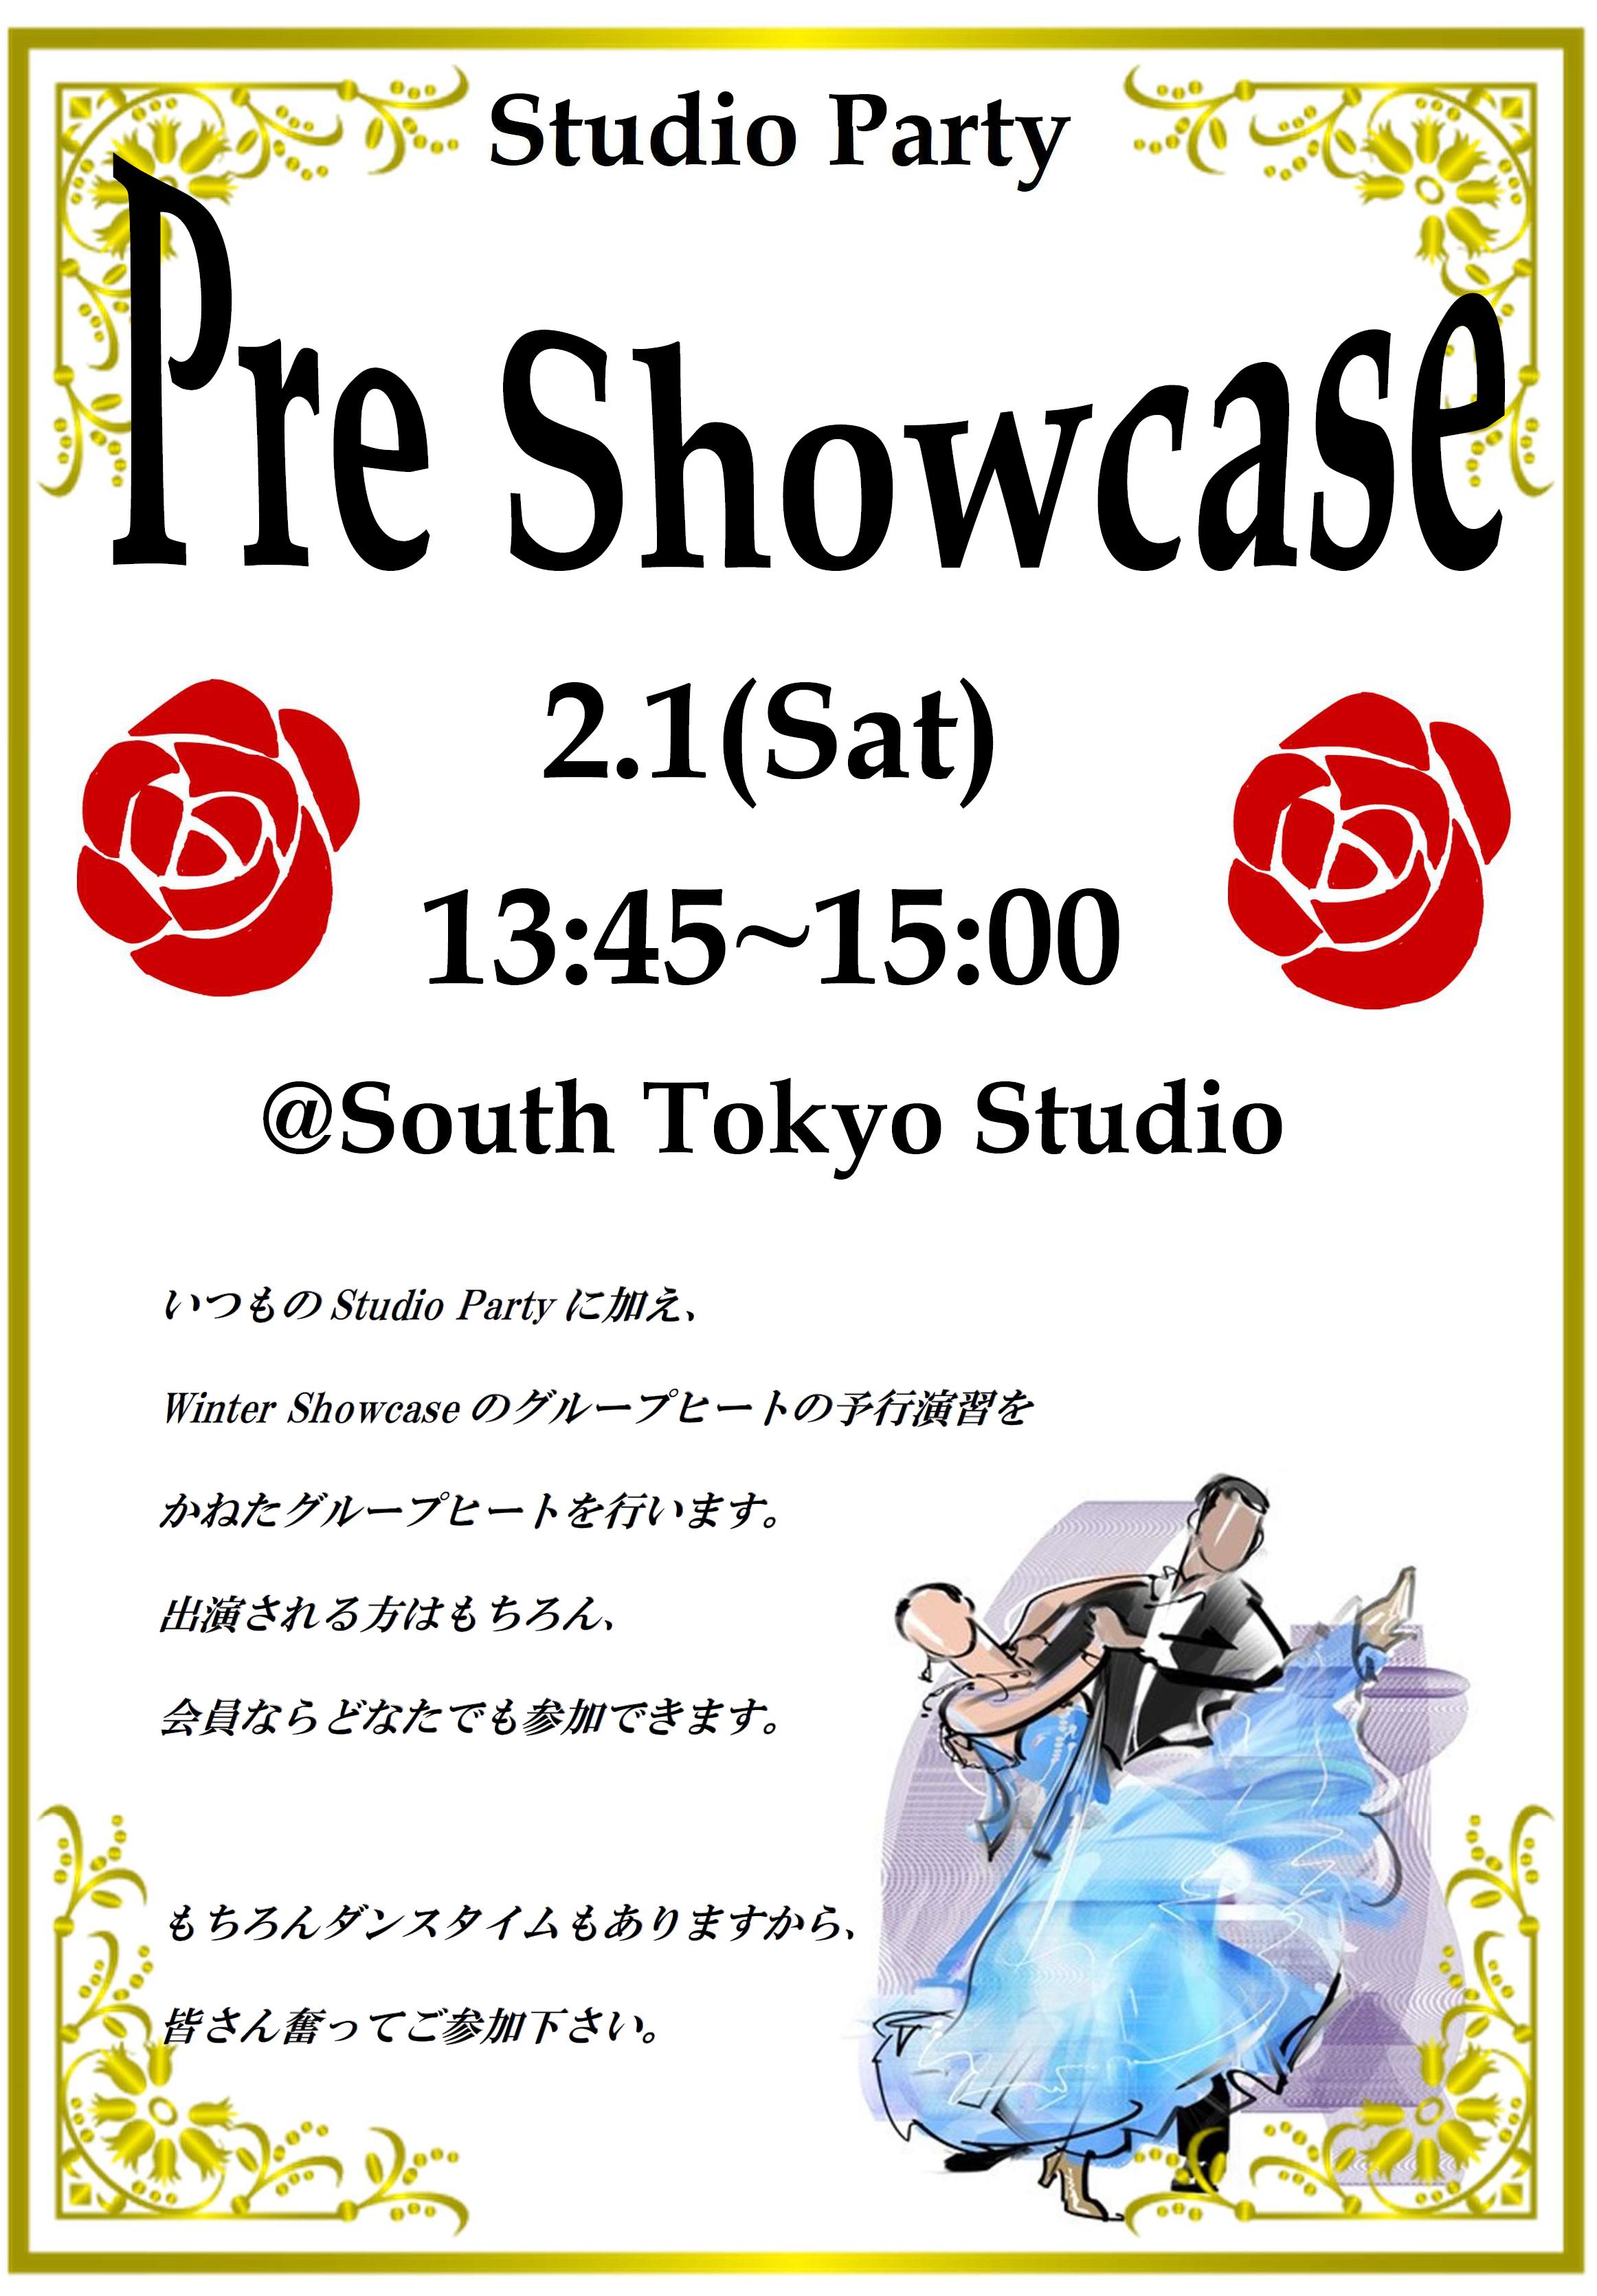 明日はPre Showcase!